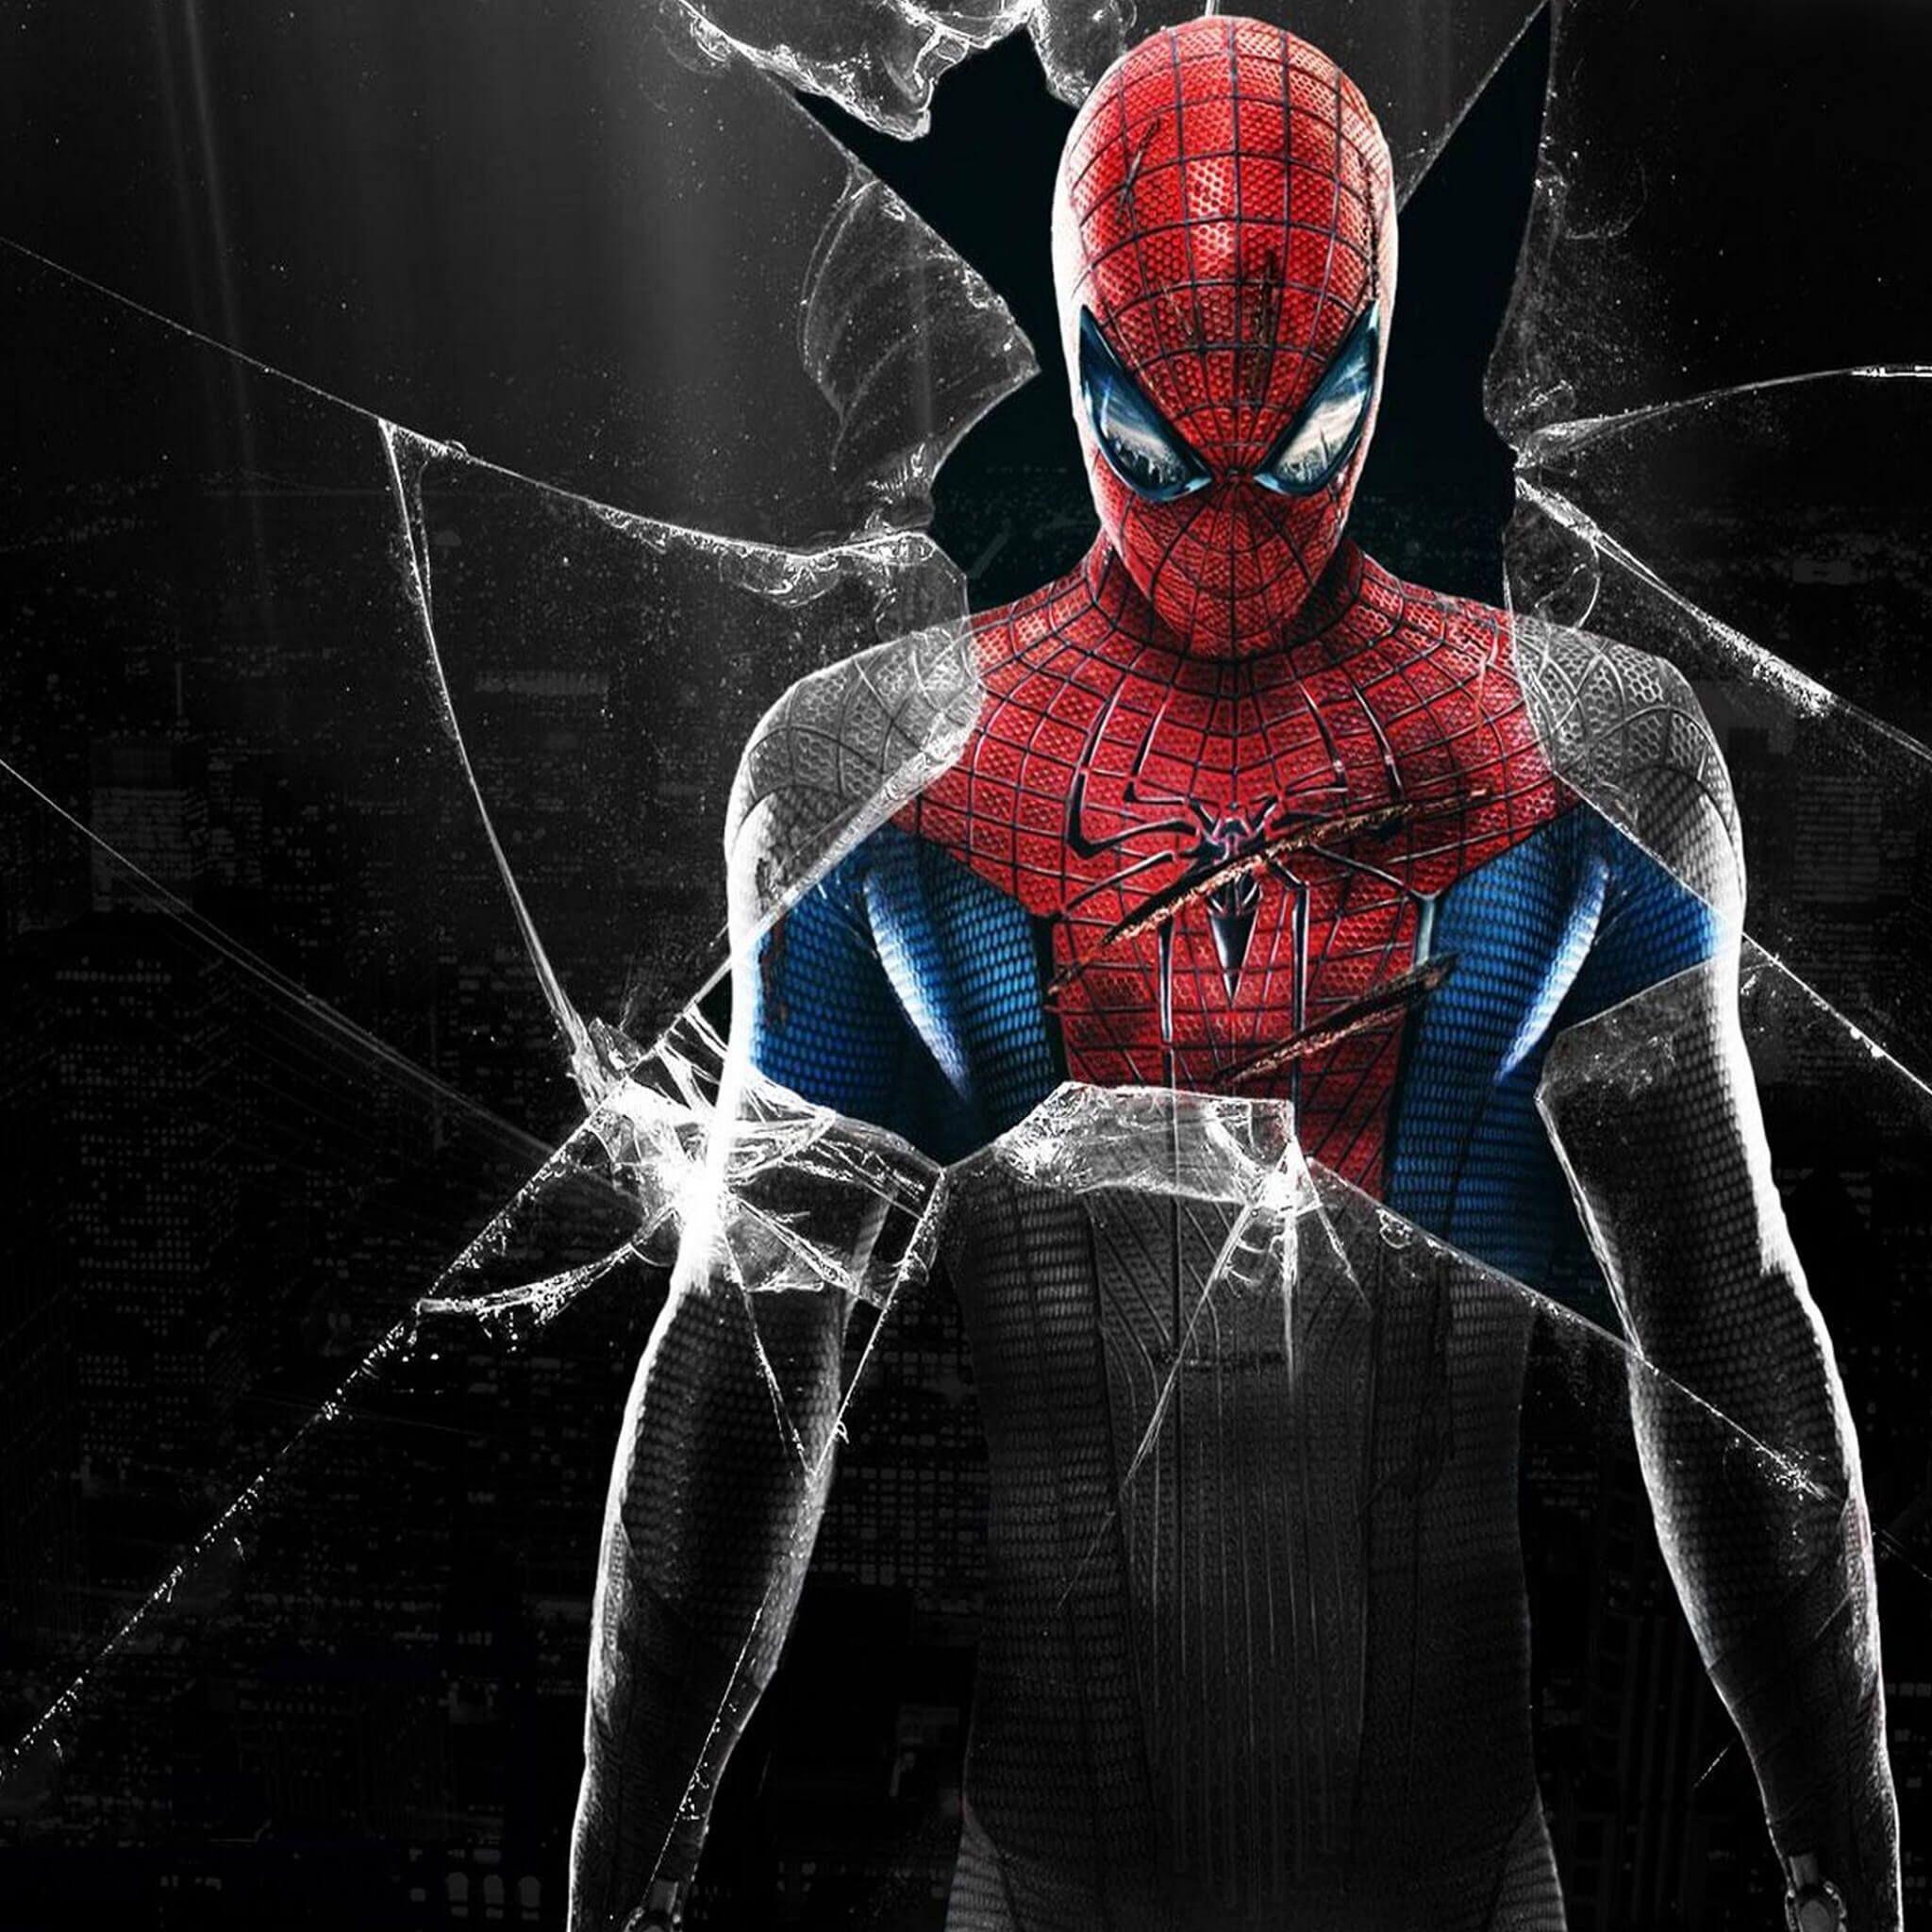 Spiderman wallpaper fond ecran ipad retina 4 fonds d for Theme ecran